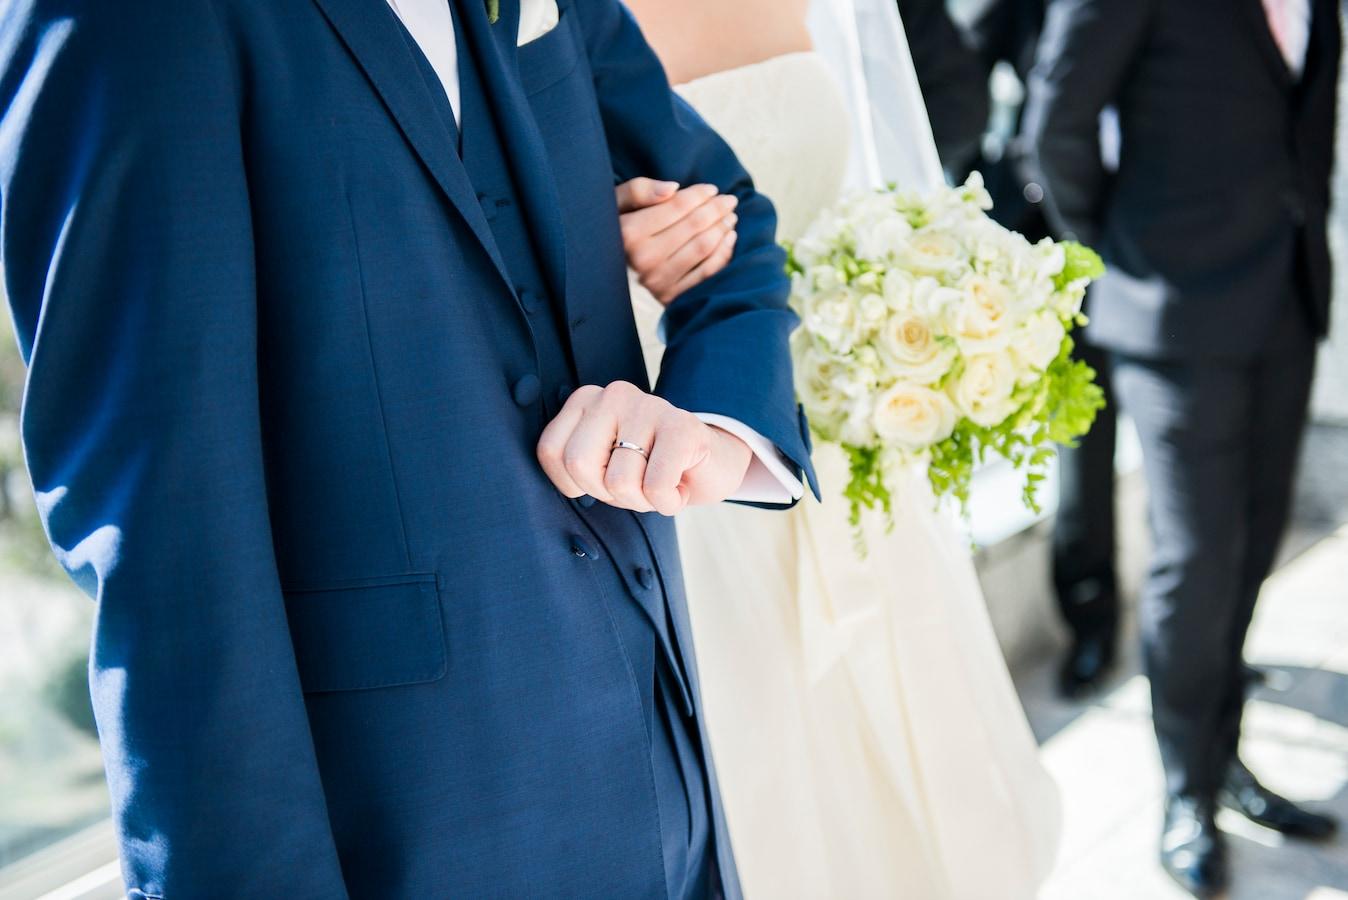 部下 の 結婚 式 ご 祝儀